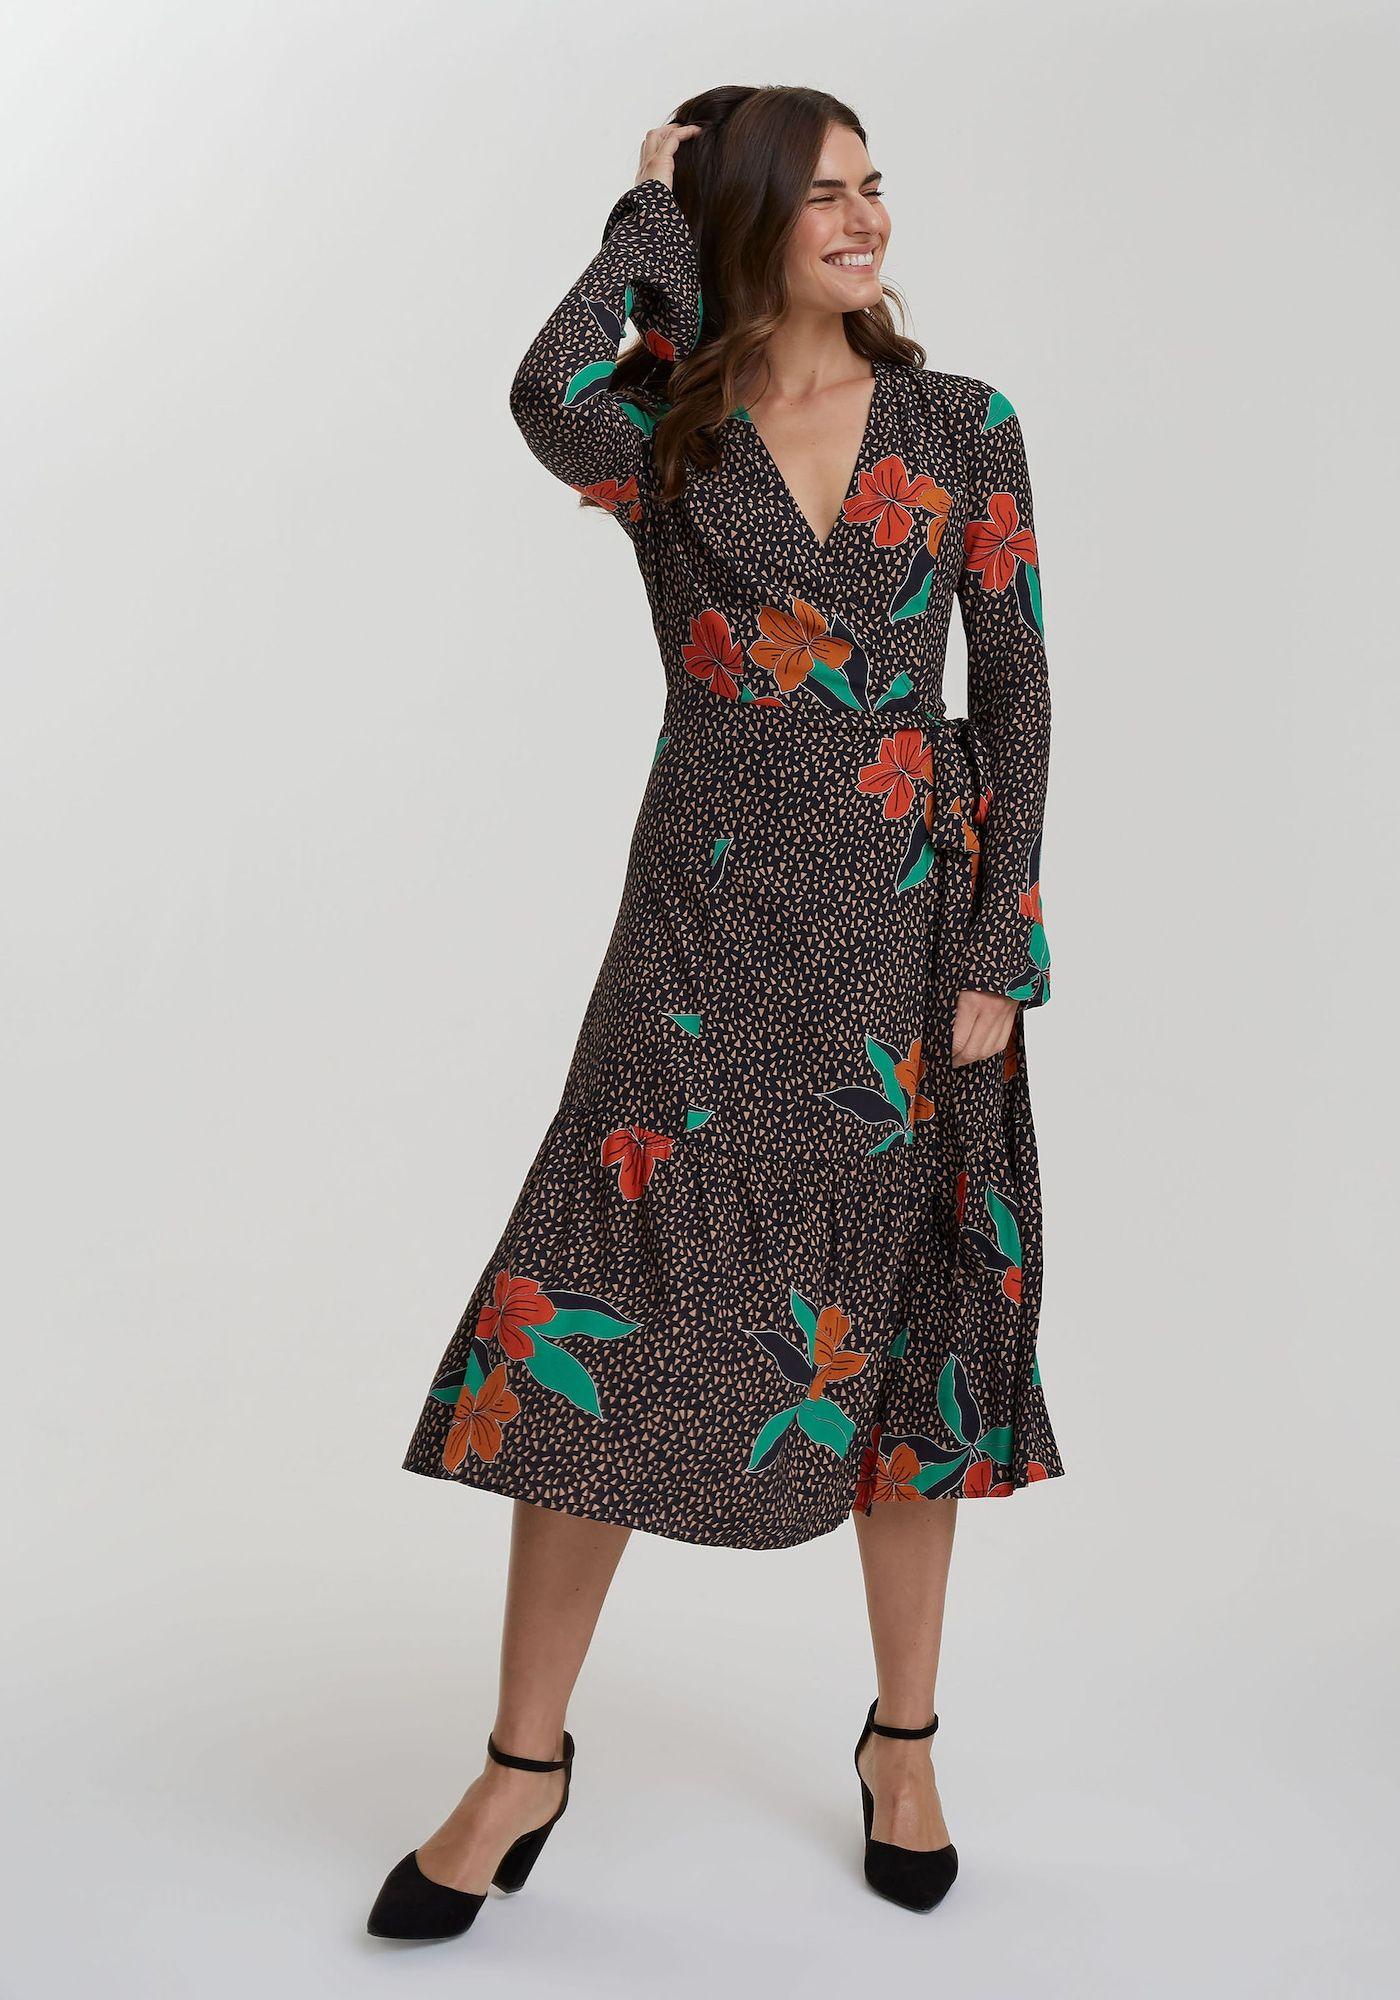 Long Tall Sally Gestuftes Kleid für große Frauen Damen, bunt